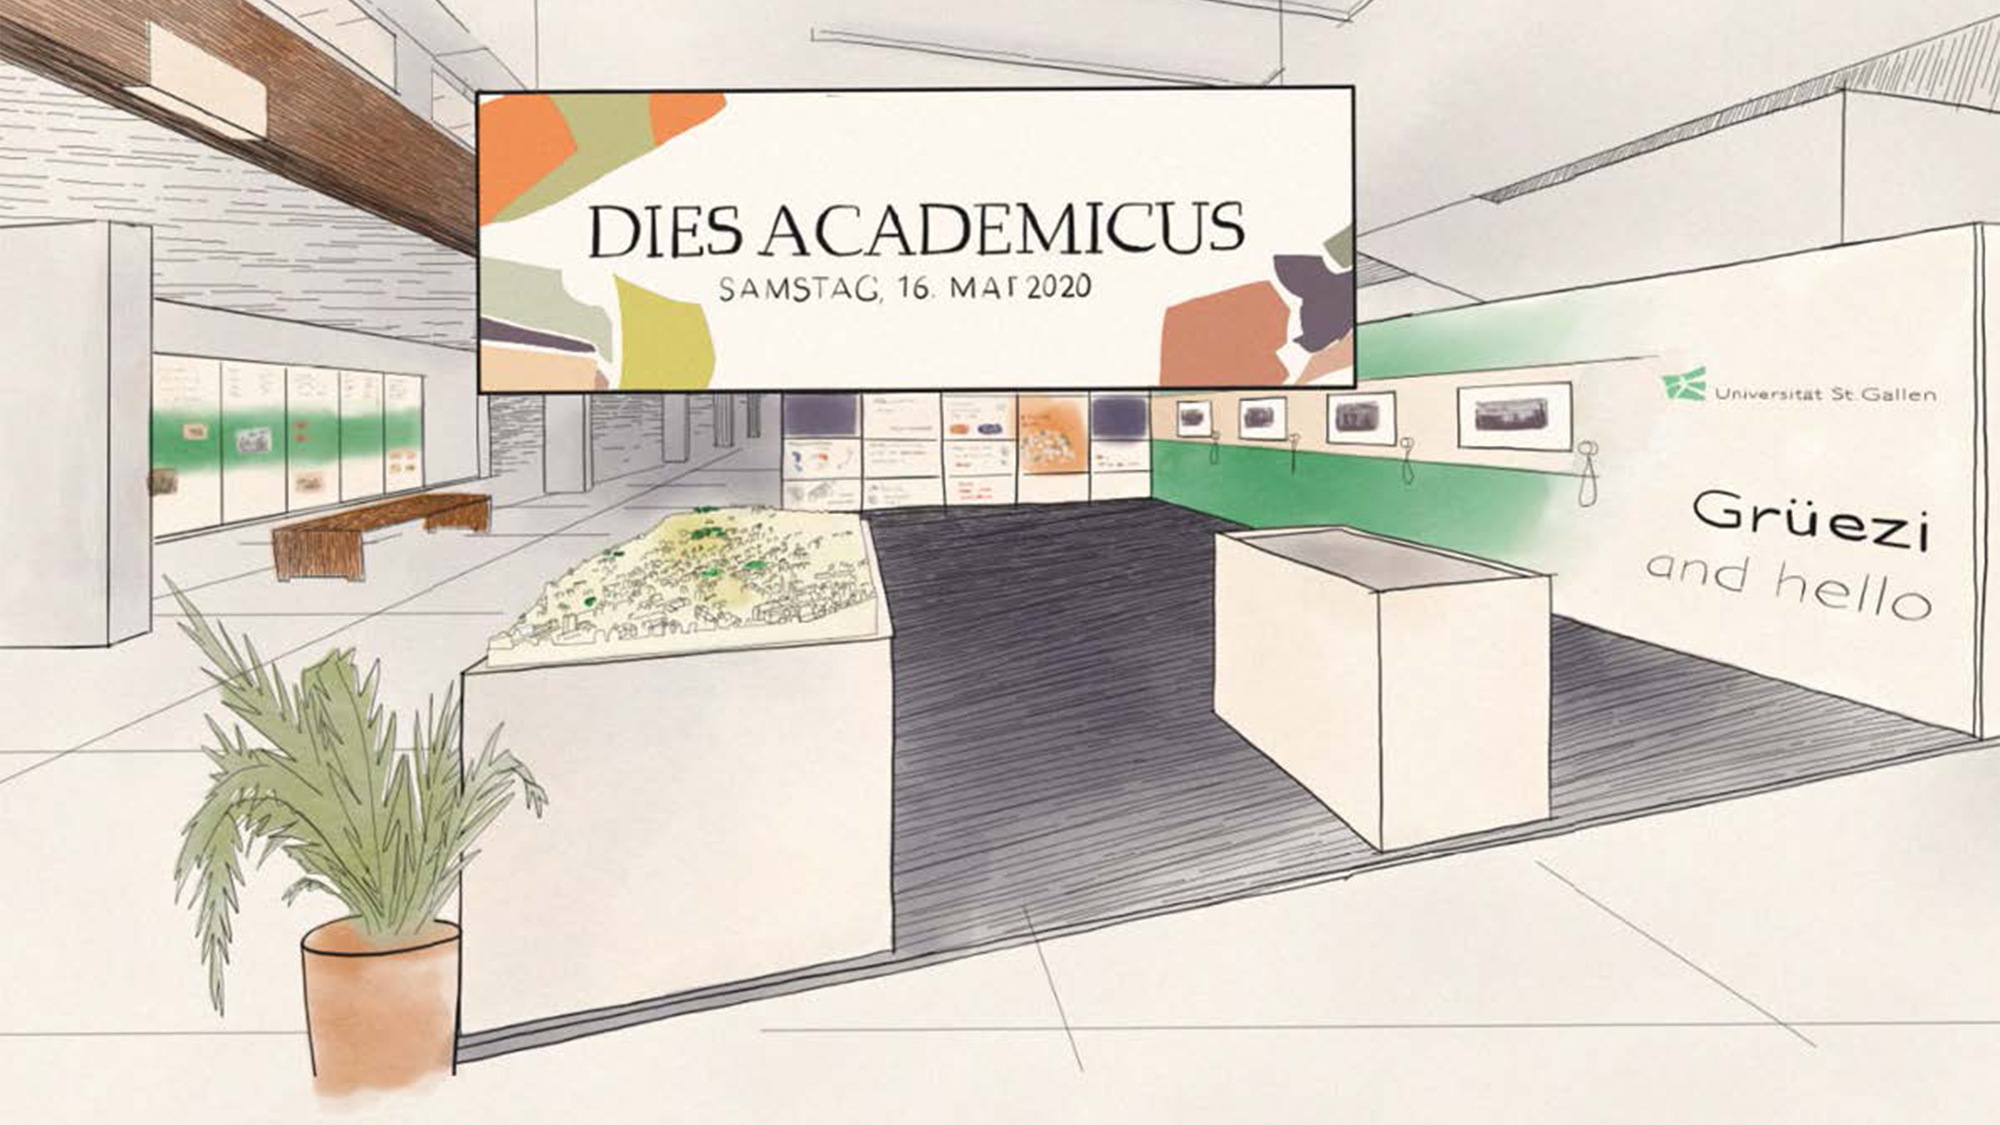 Dies academicus 2020